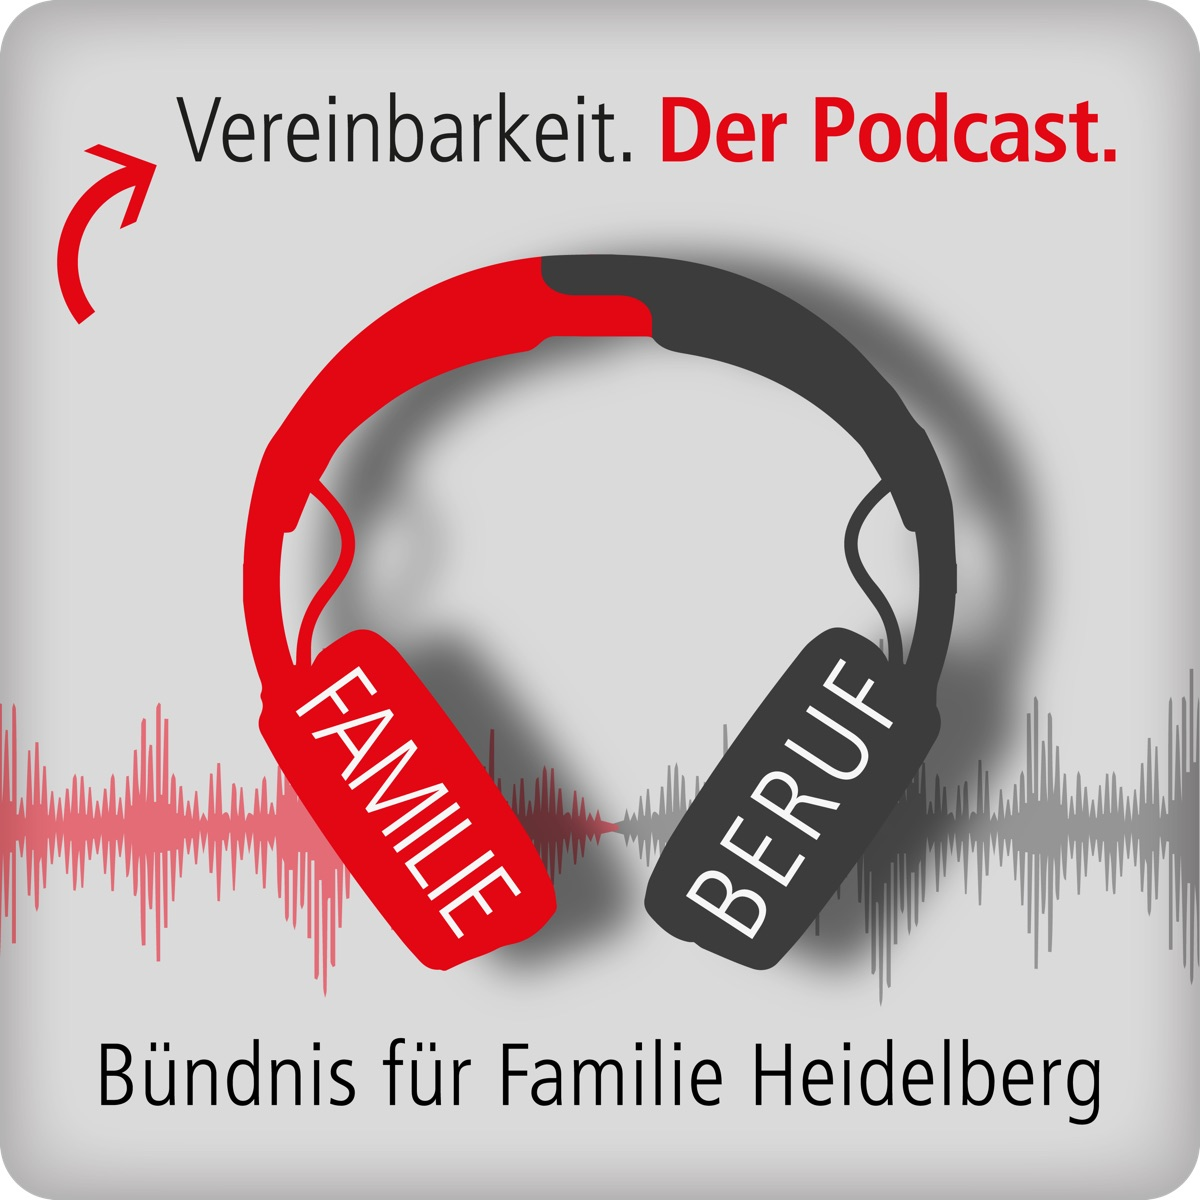 Vereinbarkeit. Der Podcast.